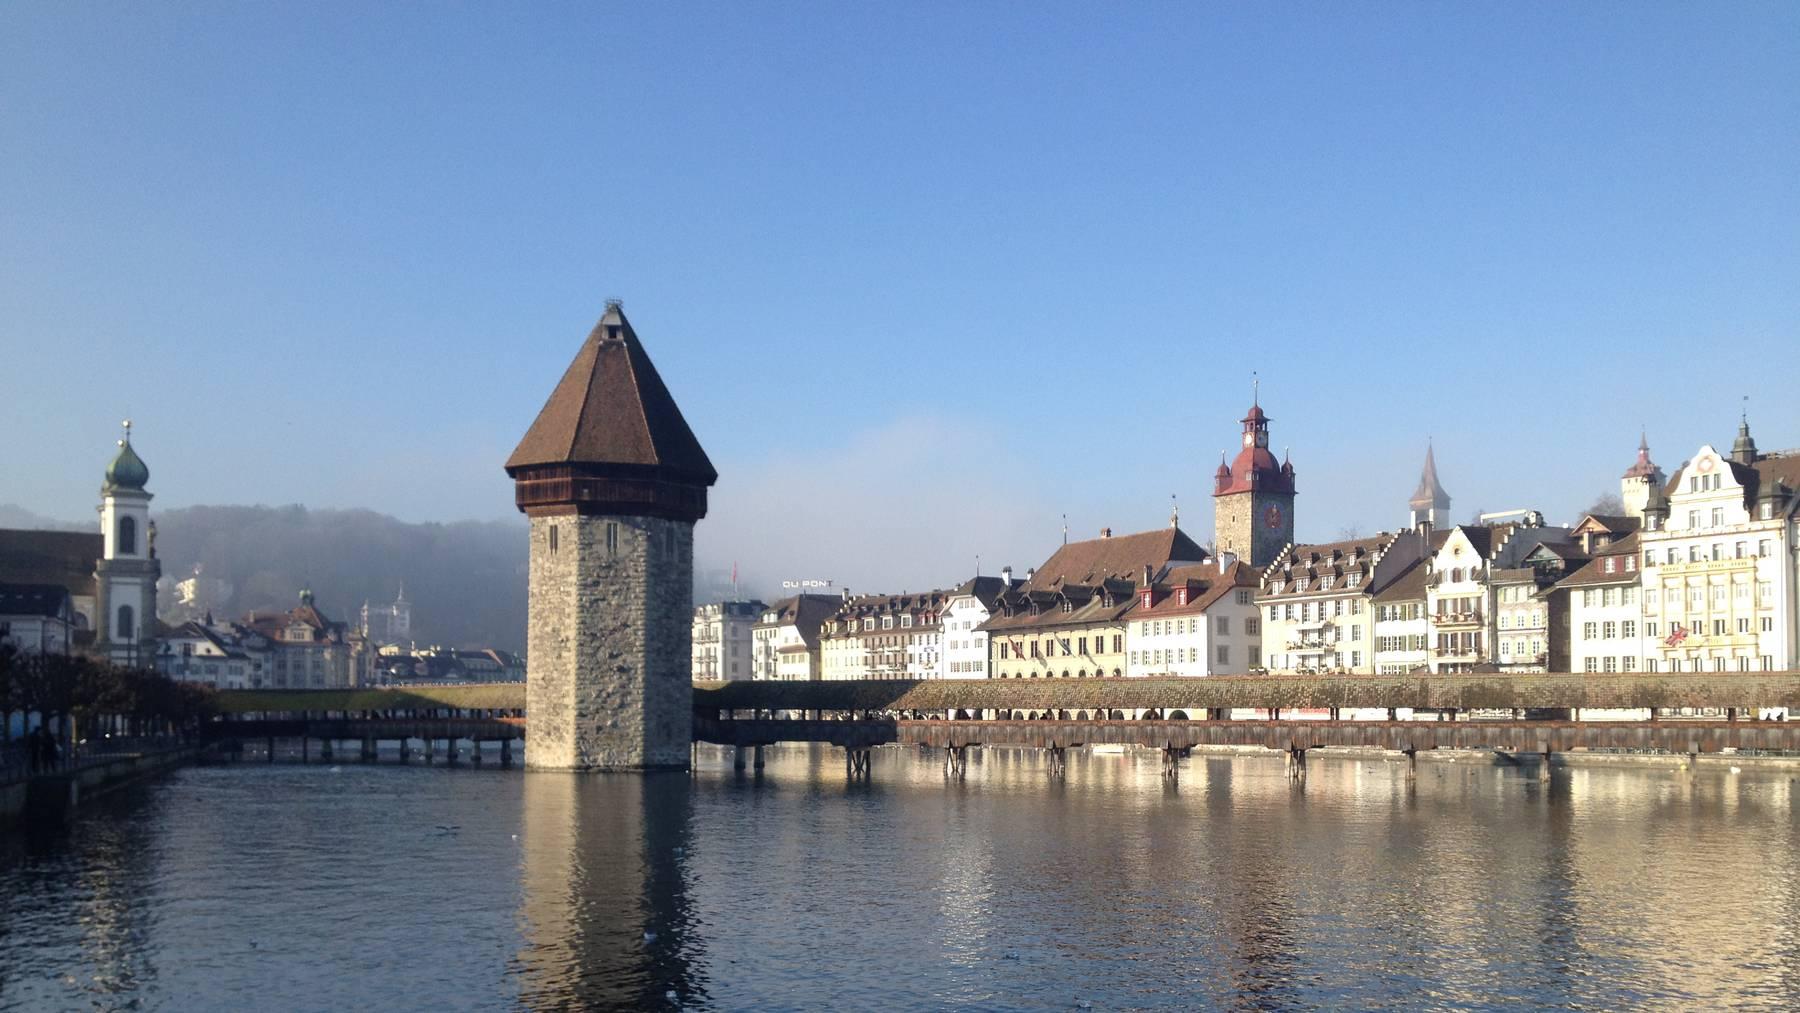 Die Kapellbrücke in der Stadt Luzern: Eines der beliebtesten Fotosujets der Touristen.